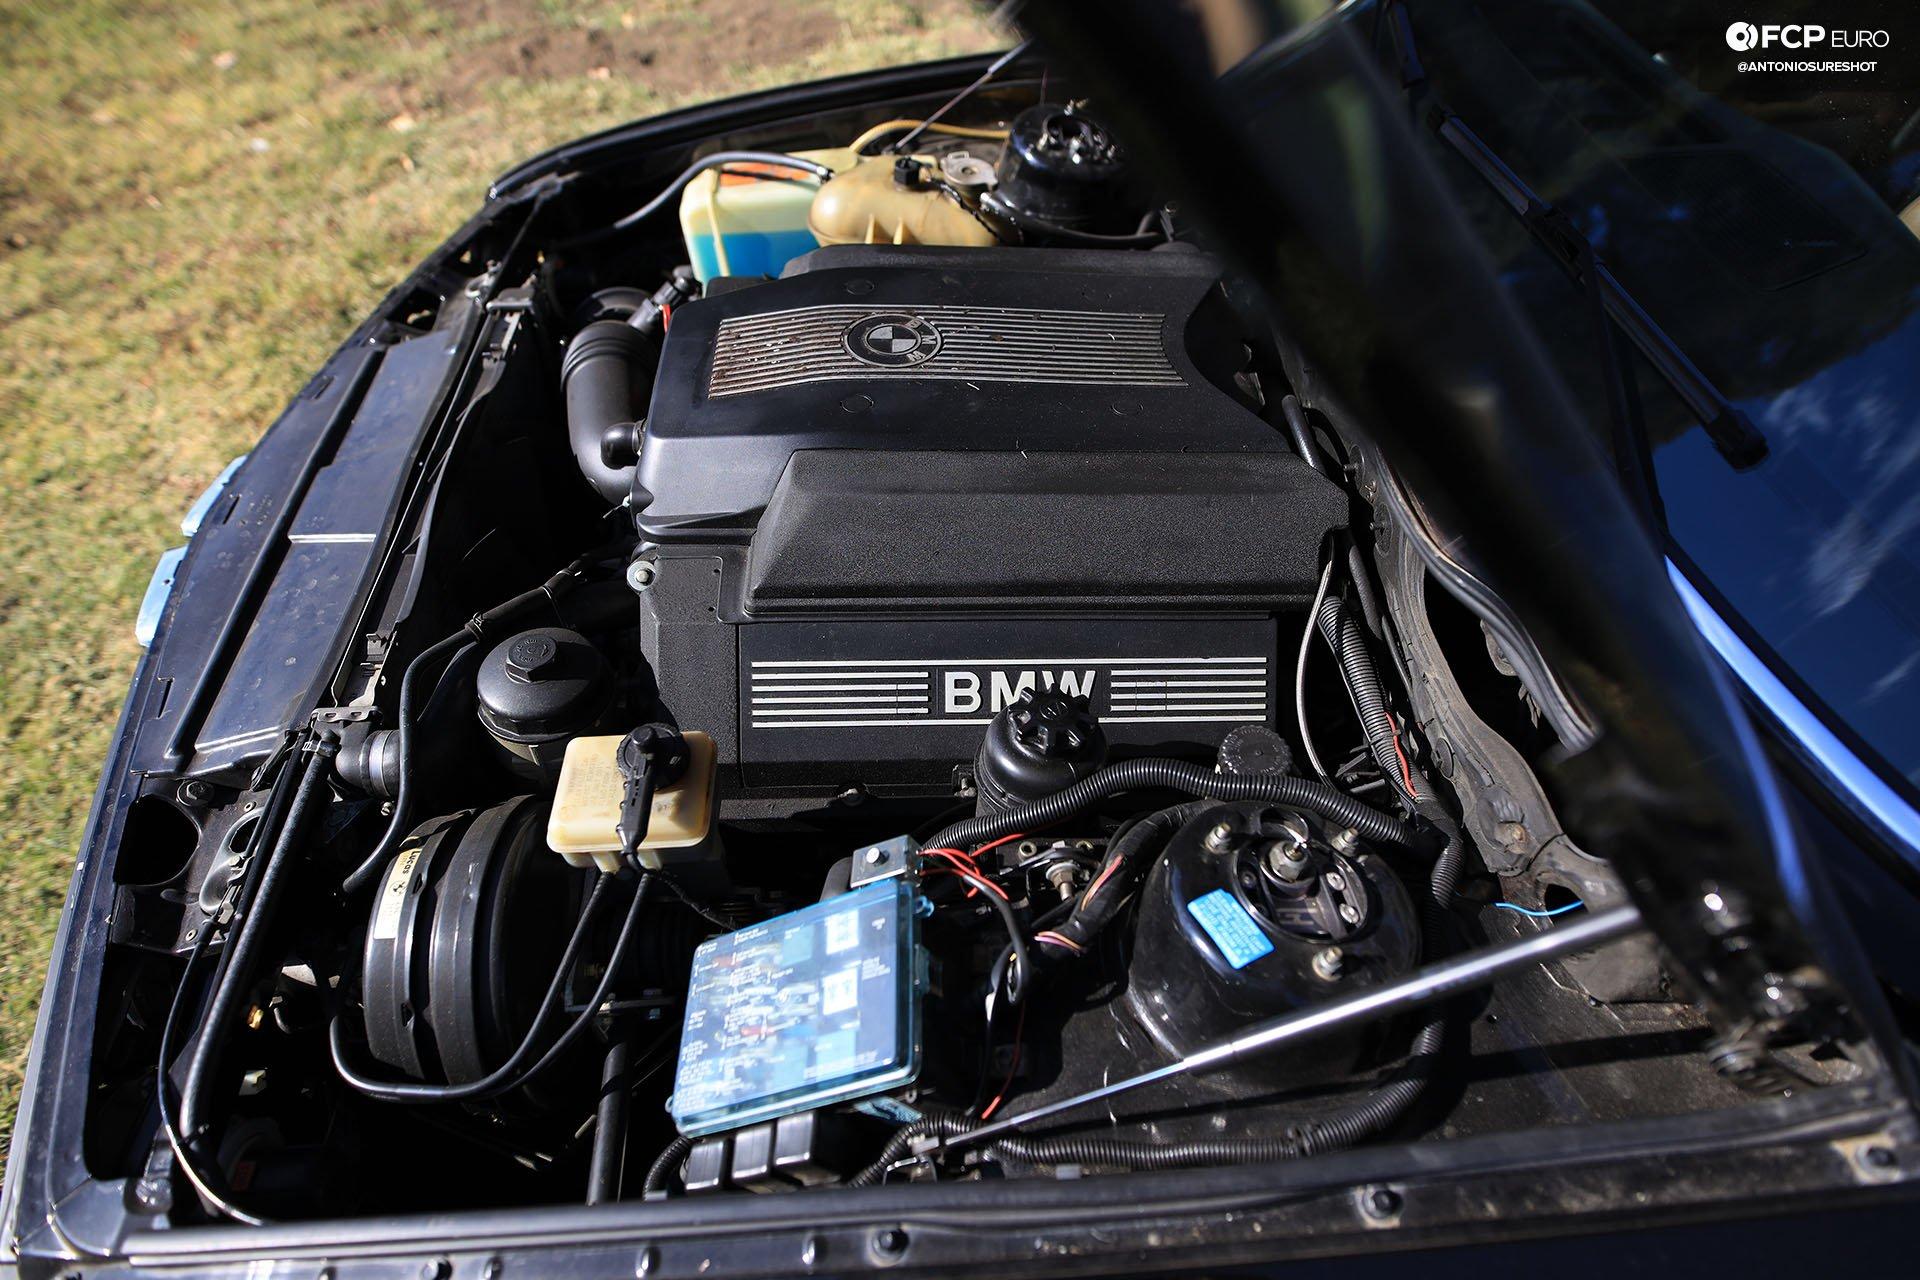 BMW E28 M60B40 V8 Engine Swap 535i Engine Bay